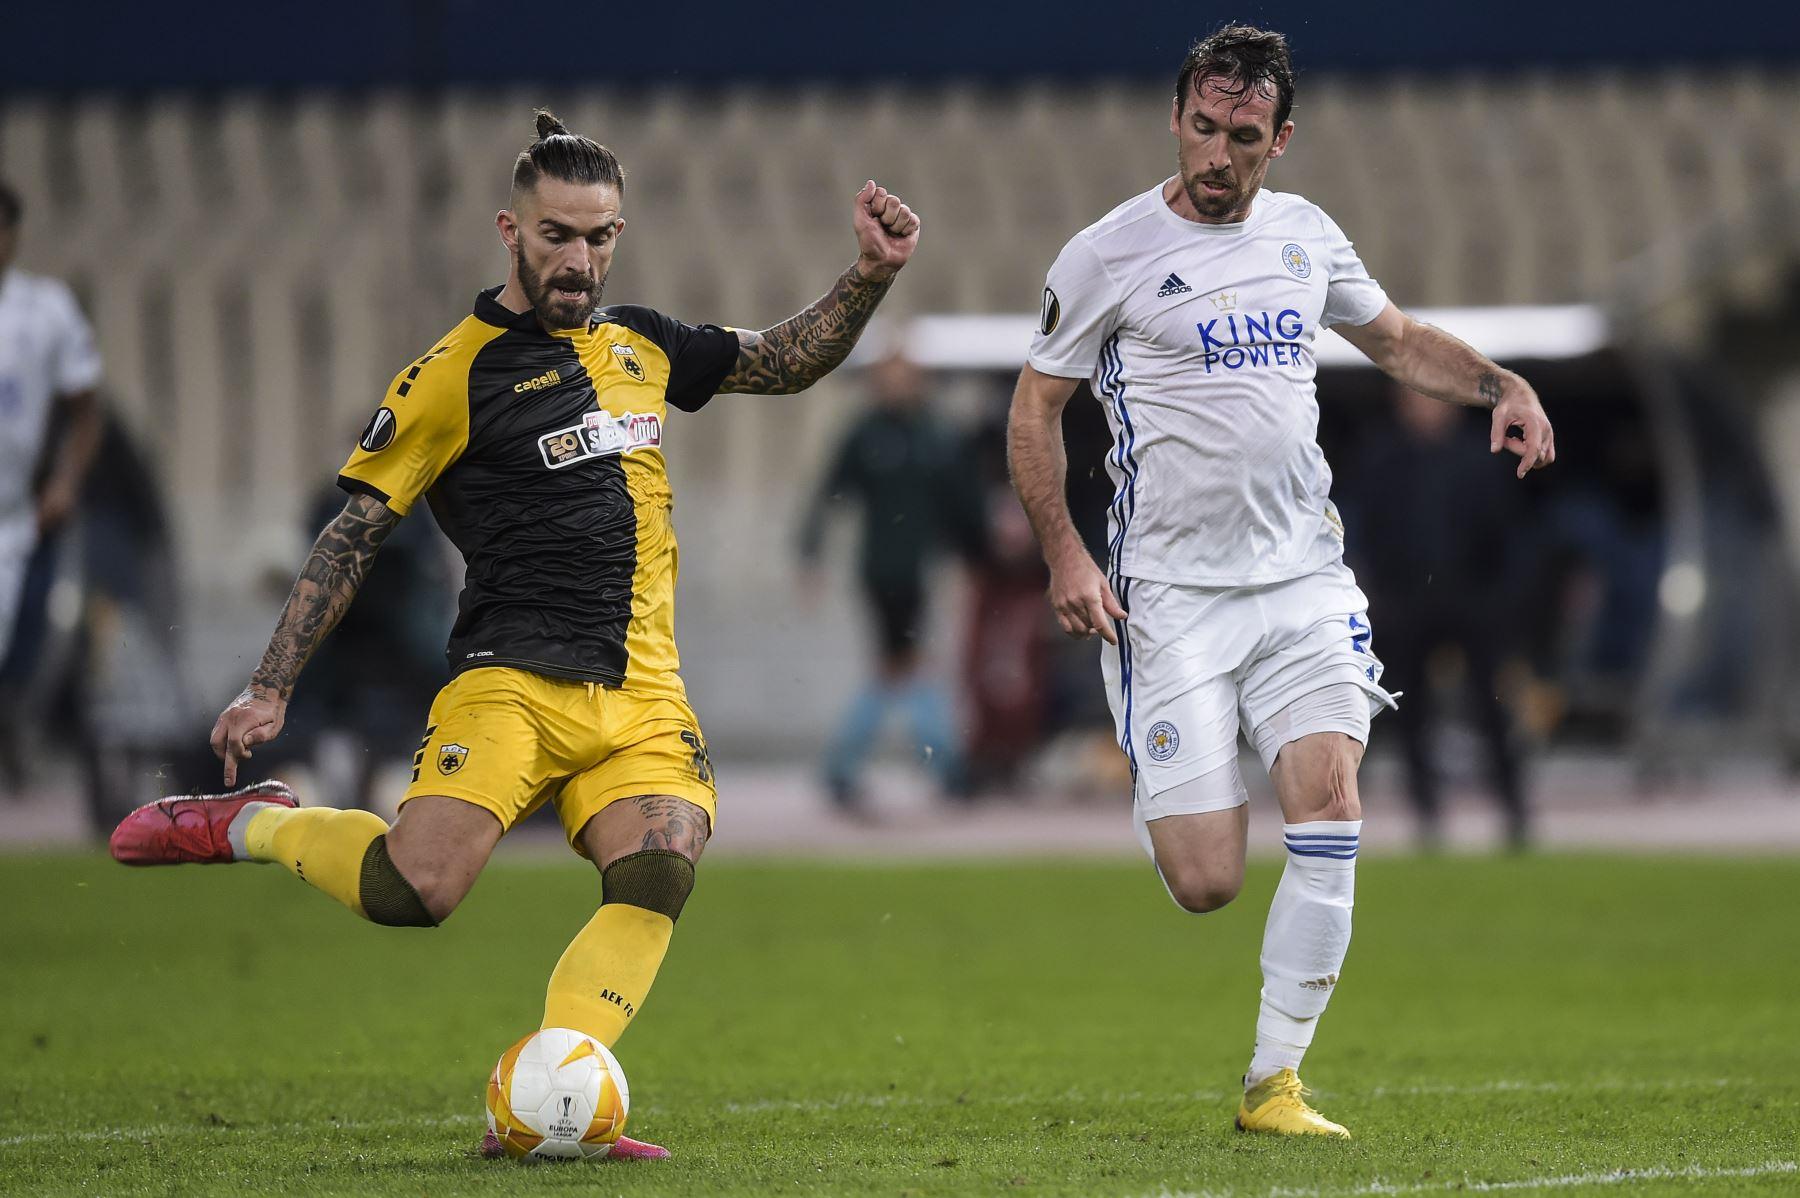 El delantero del AEK, Marko Livaka, disputa el balón con Christian Fuchs en el partido por la Copa UEFA entre el AEK Atenas y Leicester jugado en Atenas. Foto: AFP